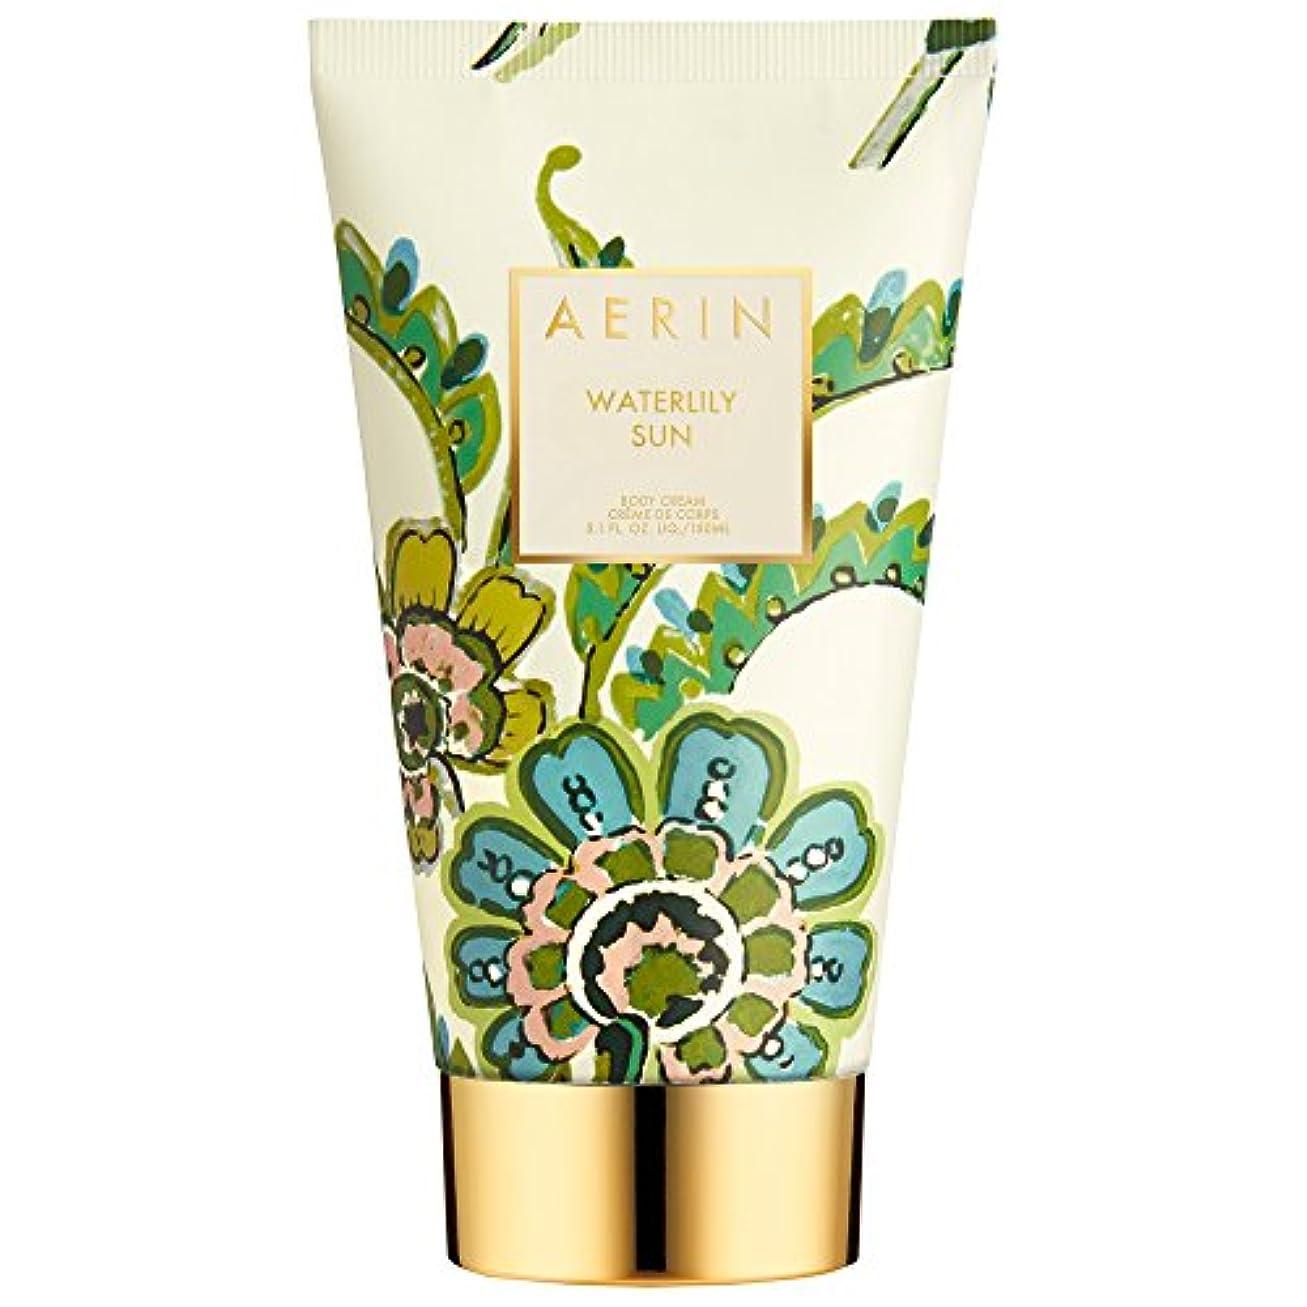 フォーマット図書館セブンAerinスイレン日ボディクリーム150ミリリットル (AERIN) (x2) - AERIN Waterlily Sun Body Cream 150ml (Pack of 2) [並行輸入品]